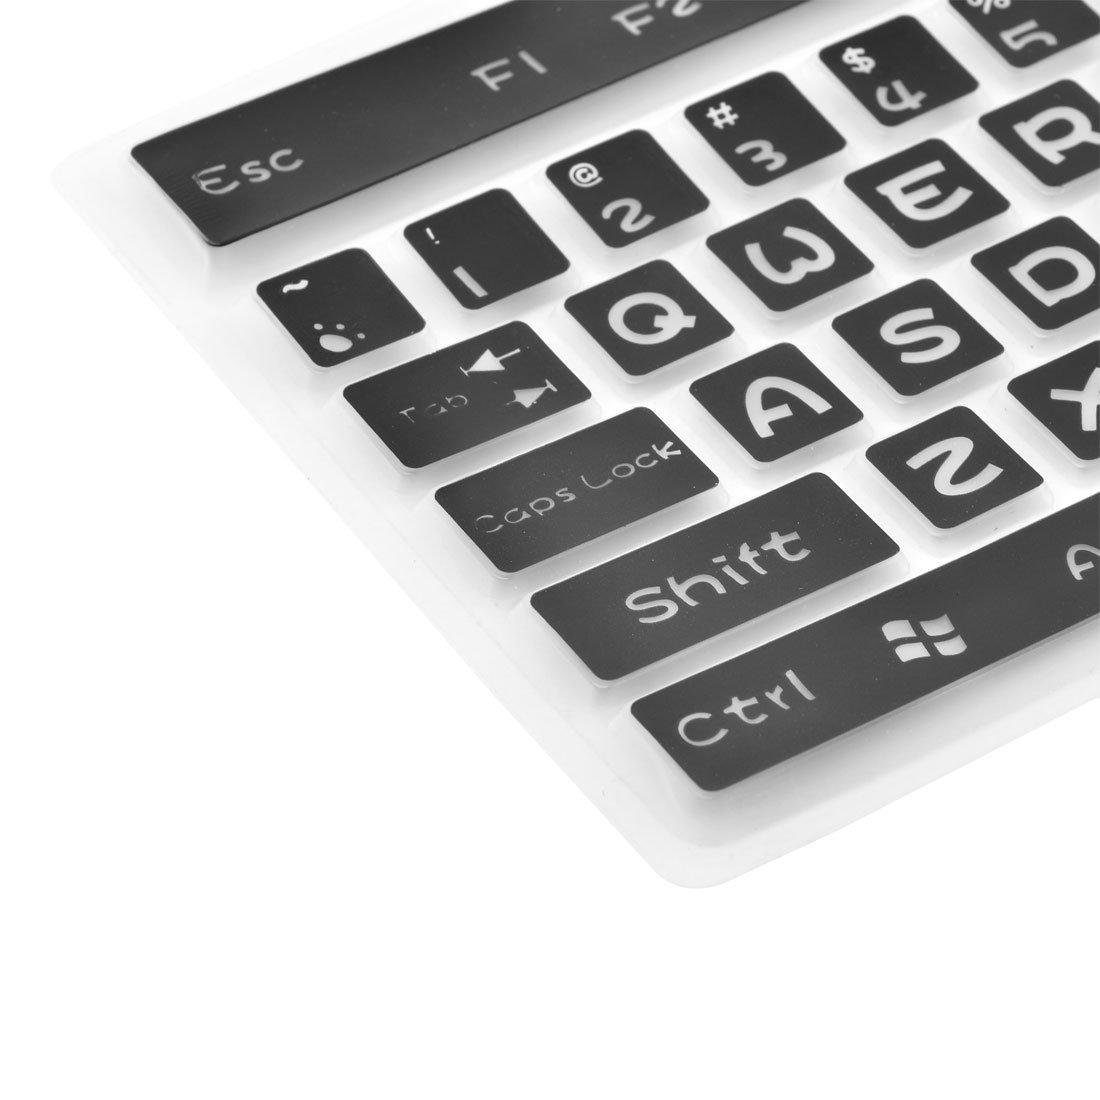 Amazon.com: eDealMax silicona computadora de escritorio plegable lavable teclado Film Protector de la cubierta Negro: Electronics